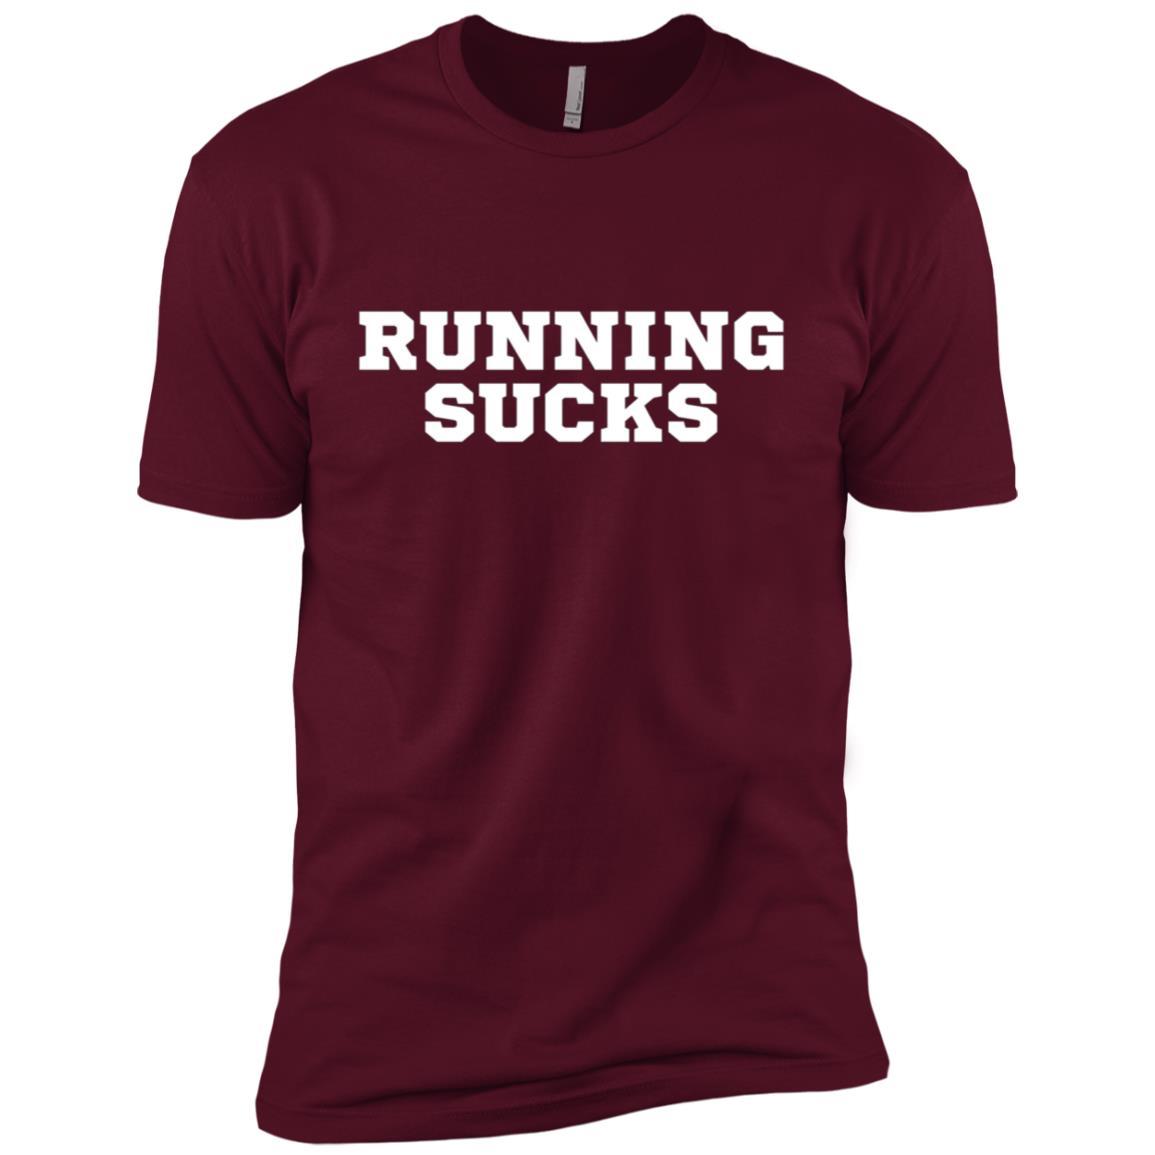 Running Sucks Funny Workout Men Short Sleeve T-Shirt